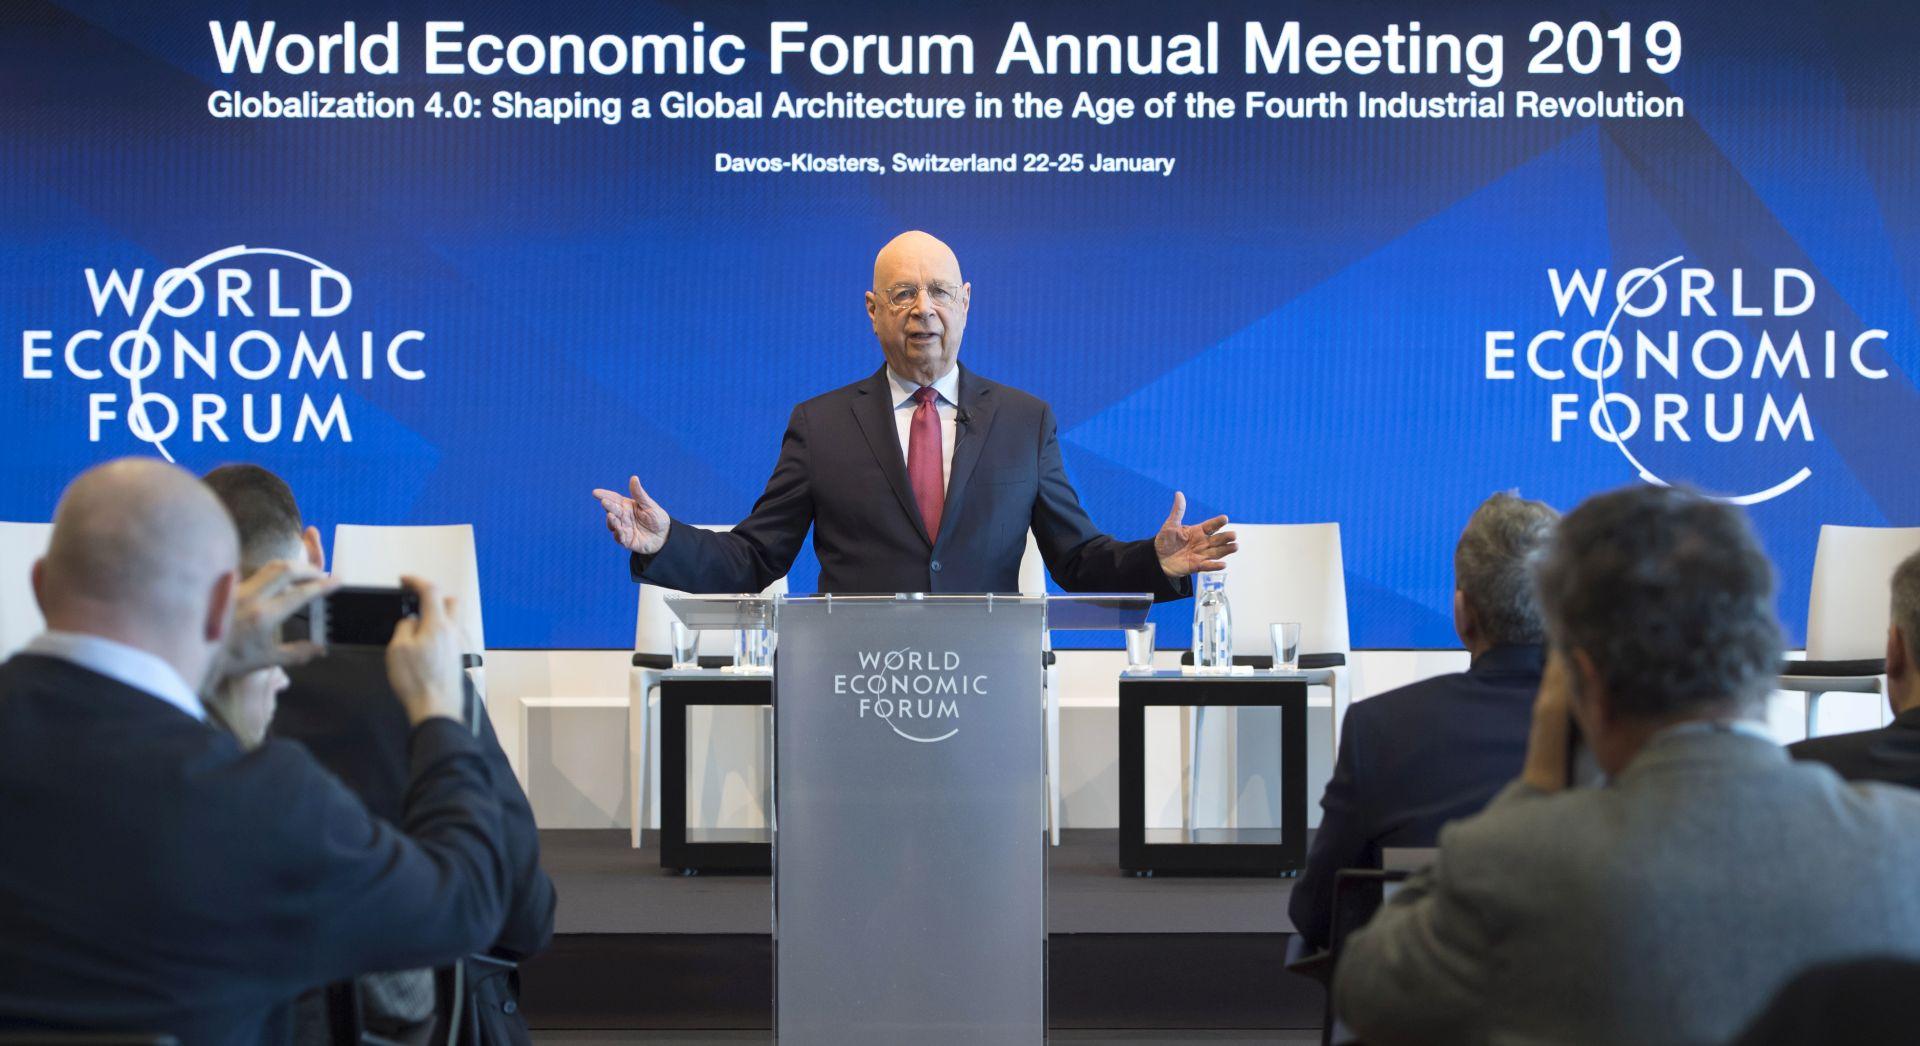 POČINJE GOSPODARSKI FORUM Je li Davos svijet učinio boljim?